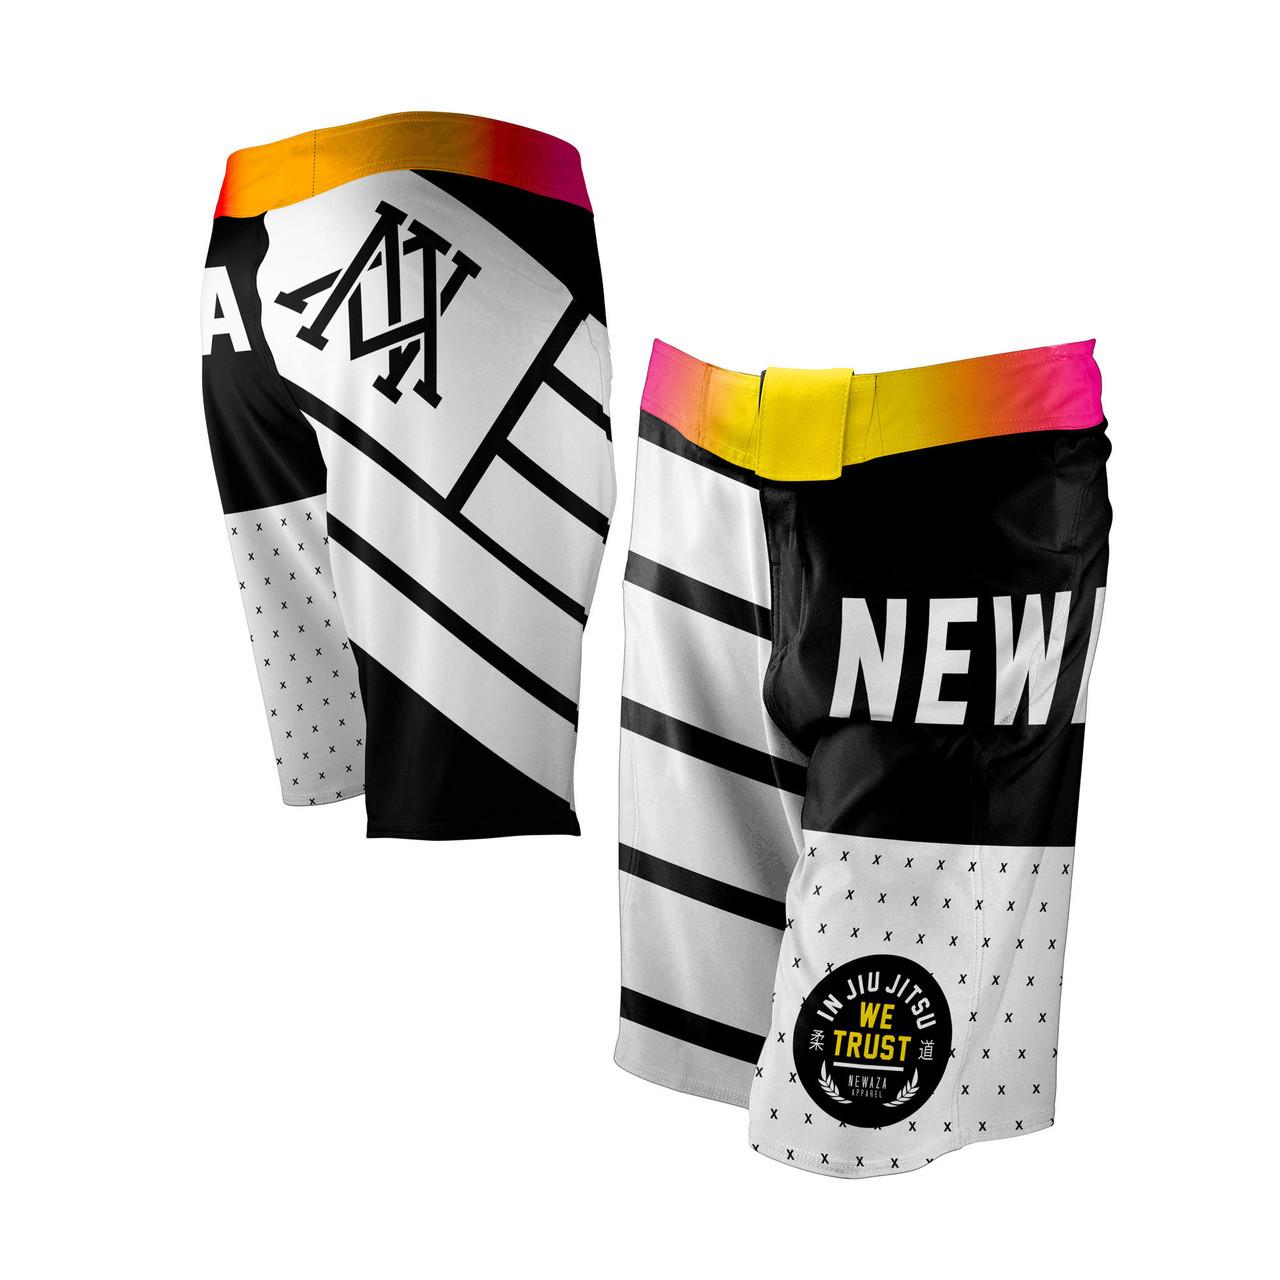 Newaza Apparel In Jiu JItsu We Trust Fight Shorts.  Available at www.thejiujitsushop.com  Enjoy Free Shipping from The Jiu JItsu Shop today!